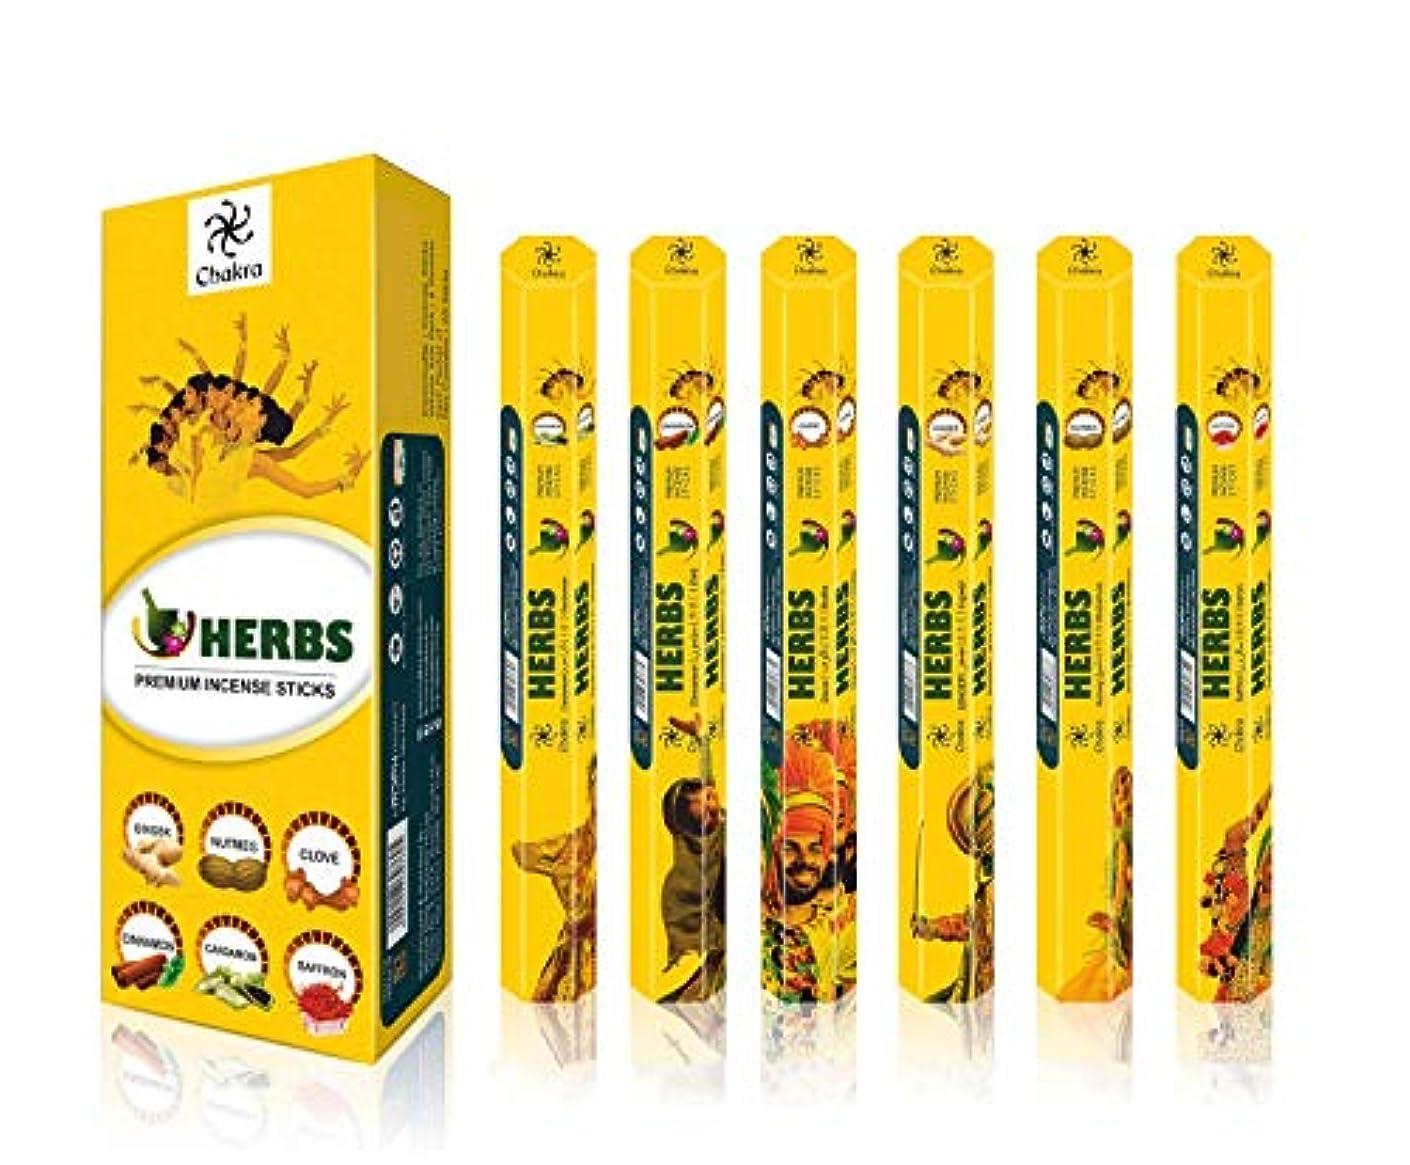 発火する出撃者従者HerbプレミアムFragrance Sticks – PleasantとPeaceful天然Incense Sticks – プレミアム品質アロマSticks – 20 Sticks perボックス – パックof 6...